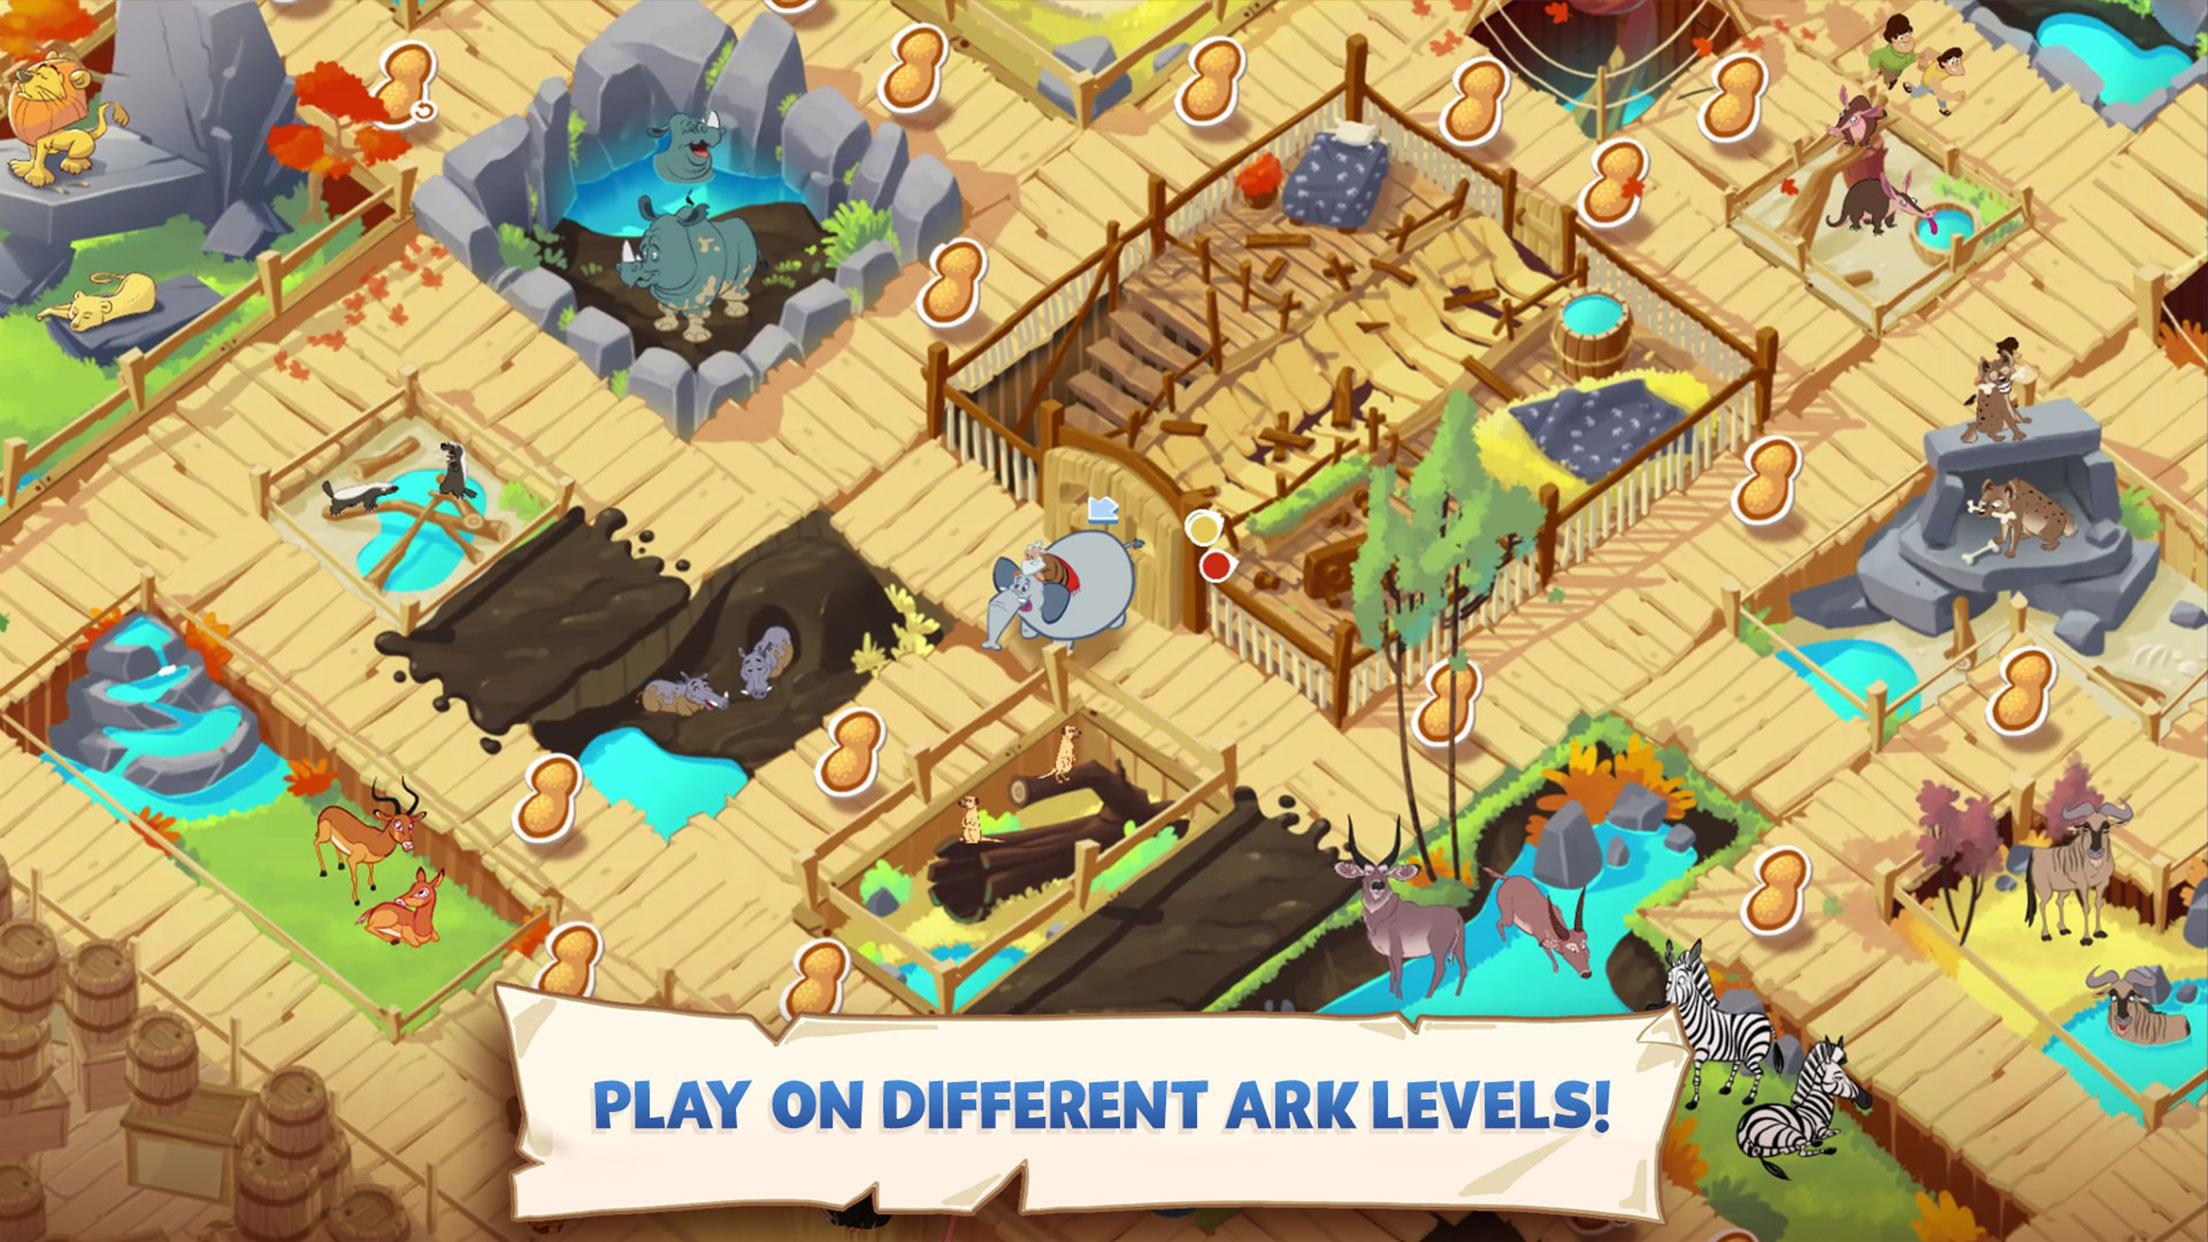 4-PlayOnDifferentArkLevels.jpg